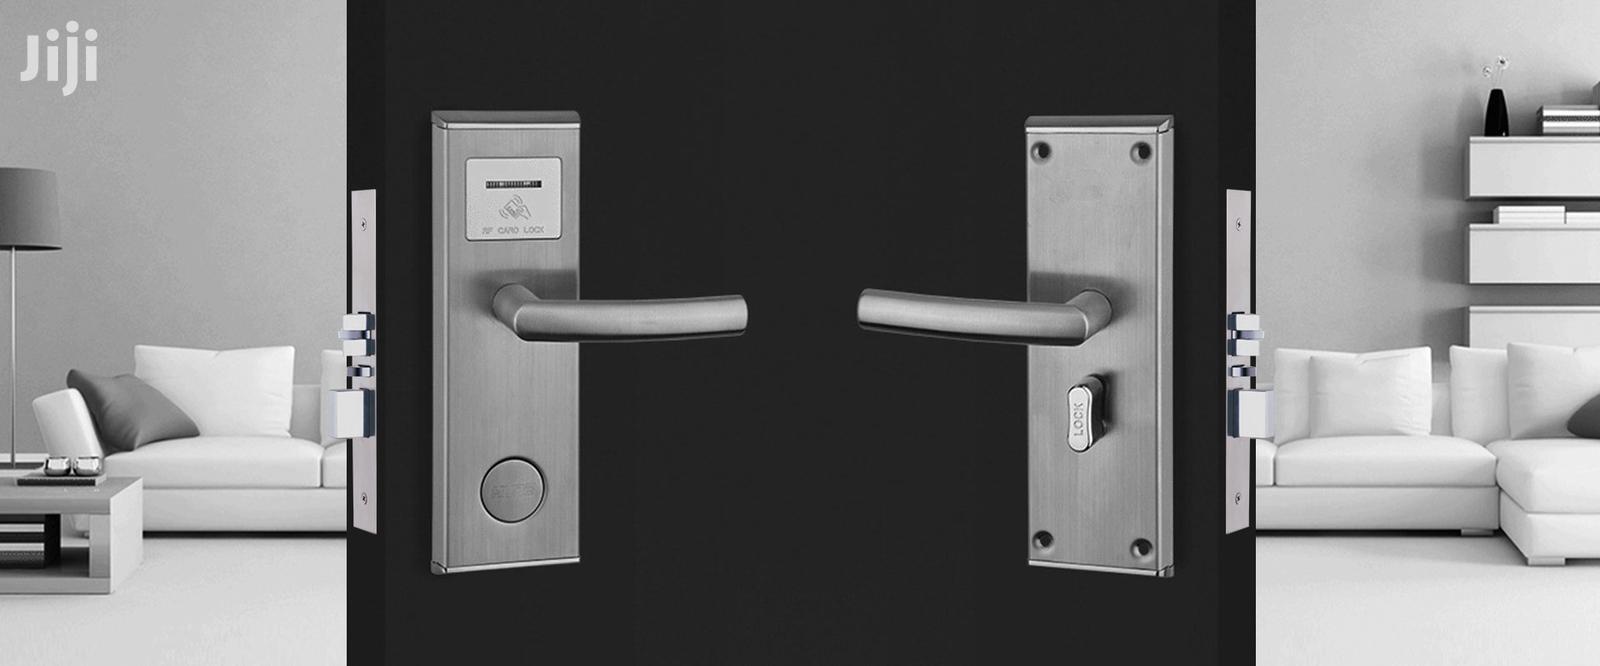 Archive: Electronic Keycard RFID Locks